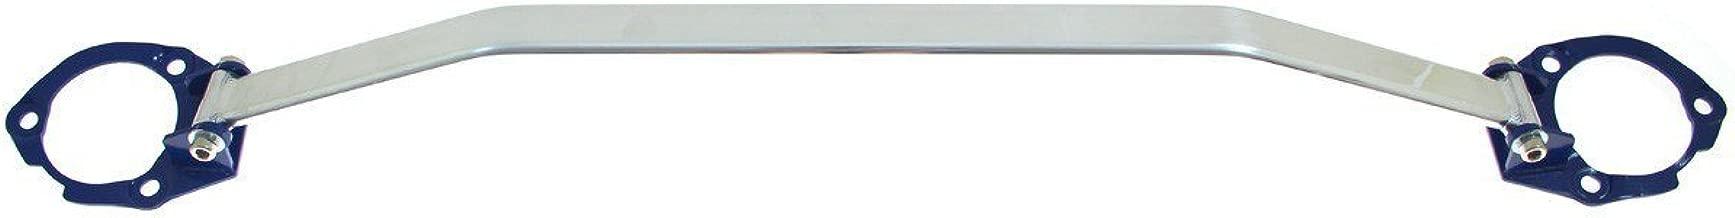 SPORT D1-SPEC FRONT UPPER STRUT BARS PP-RO-303 BMW E30